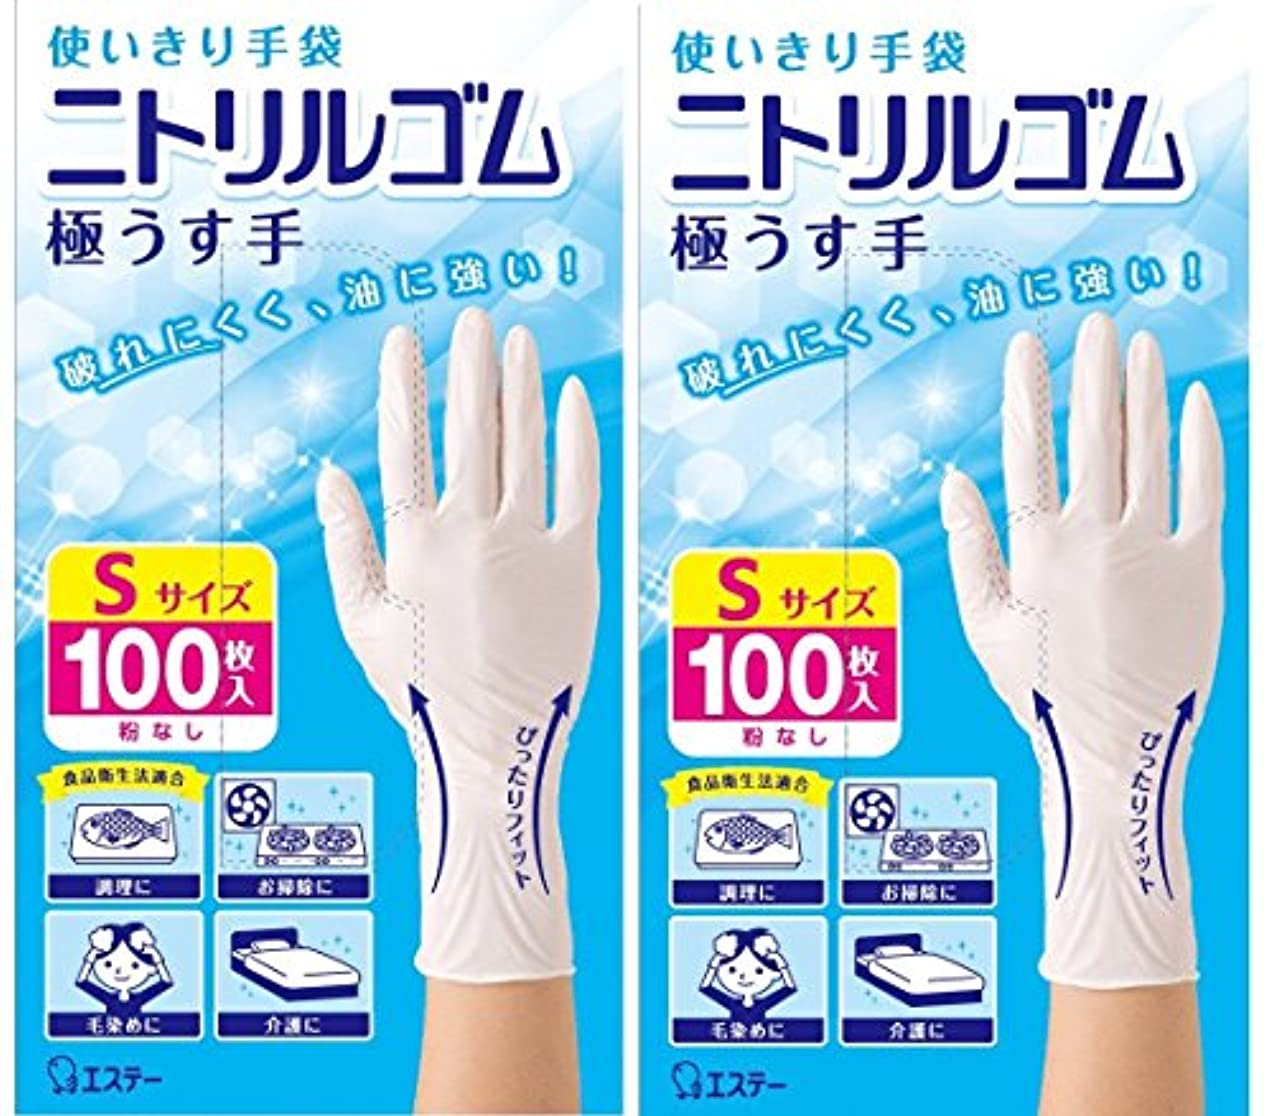 機械悪化させる不機嫌【お徳用 2 セット】 使いきり手袋 ニトリルゴム 極うす手 ホワイト 粉なし Sサイズ 100枚入×2セット